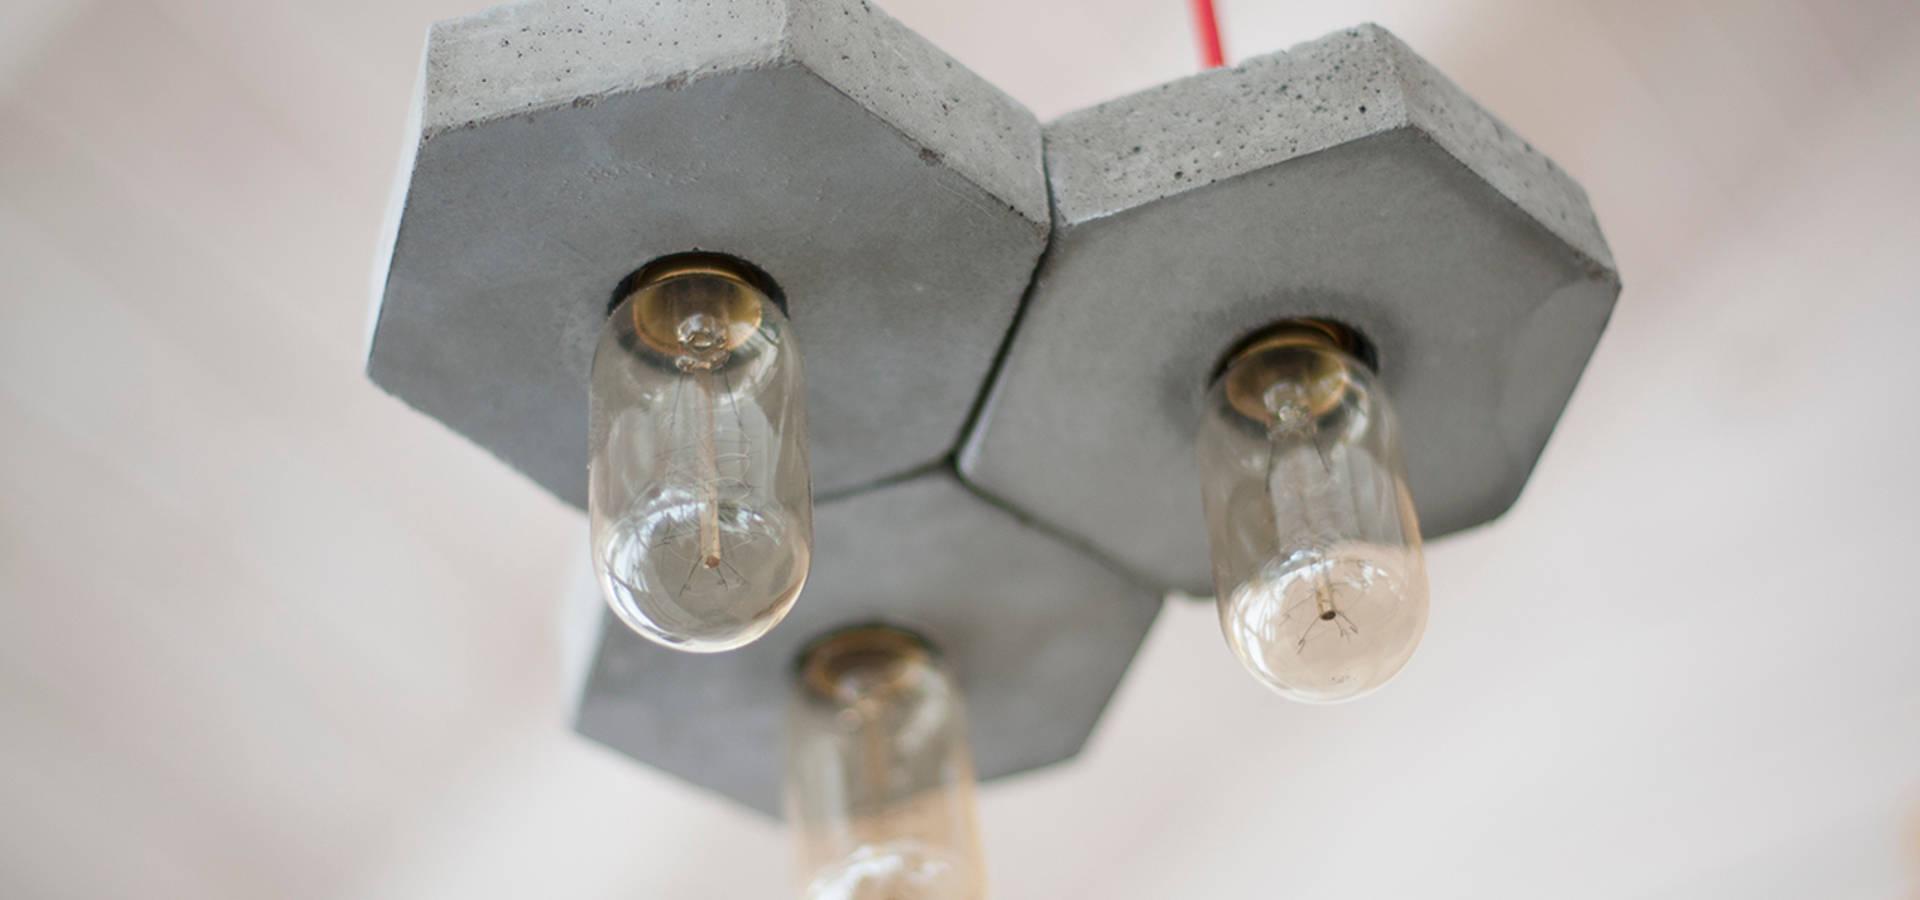 Креативные светильники из бетона и дерева – Bullsdesign